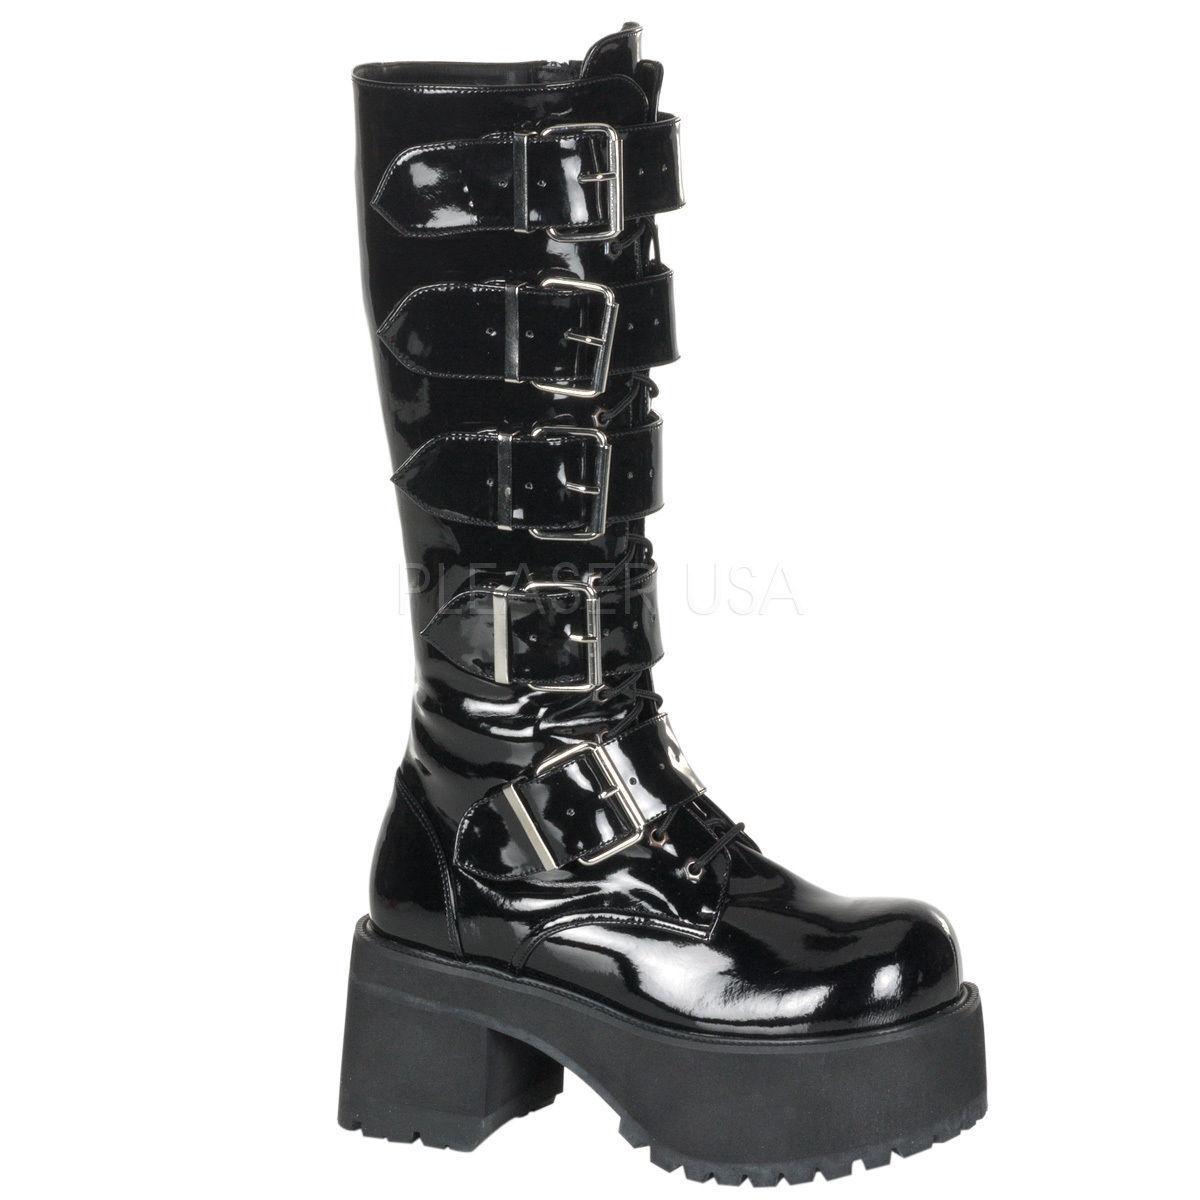 Demonia Gótico Punk Cosplay Ranger 318 Damas botas Tacón Rodilla Hebillas de plataforma